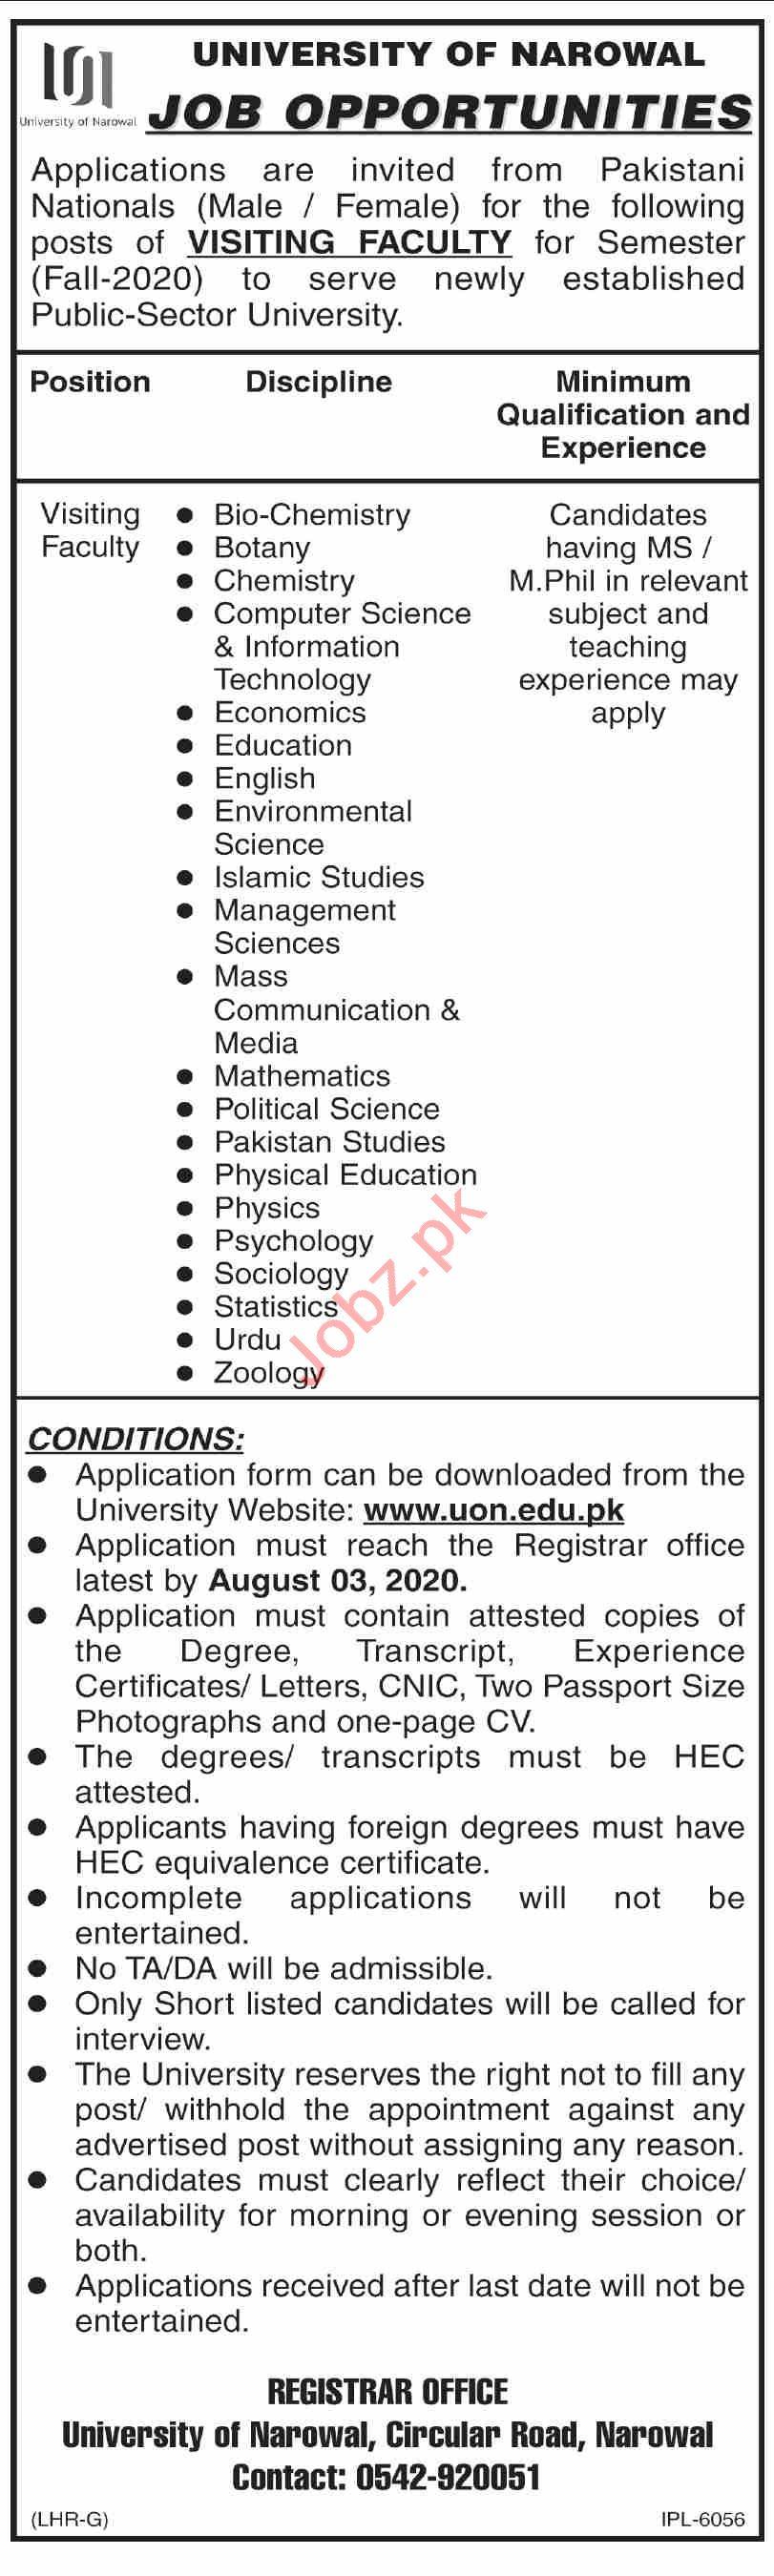 University of Narowal Jobs 2020 for Visiting Faculty